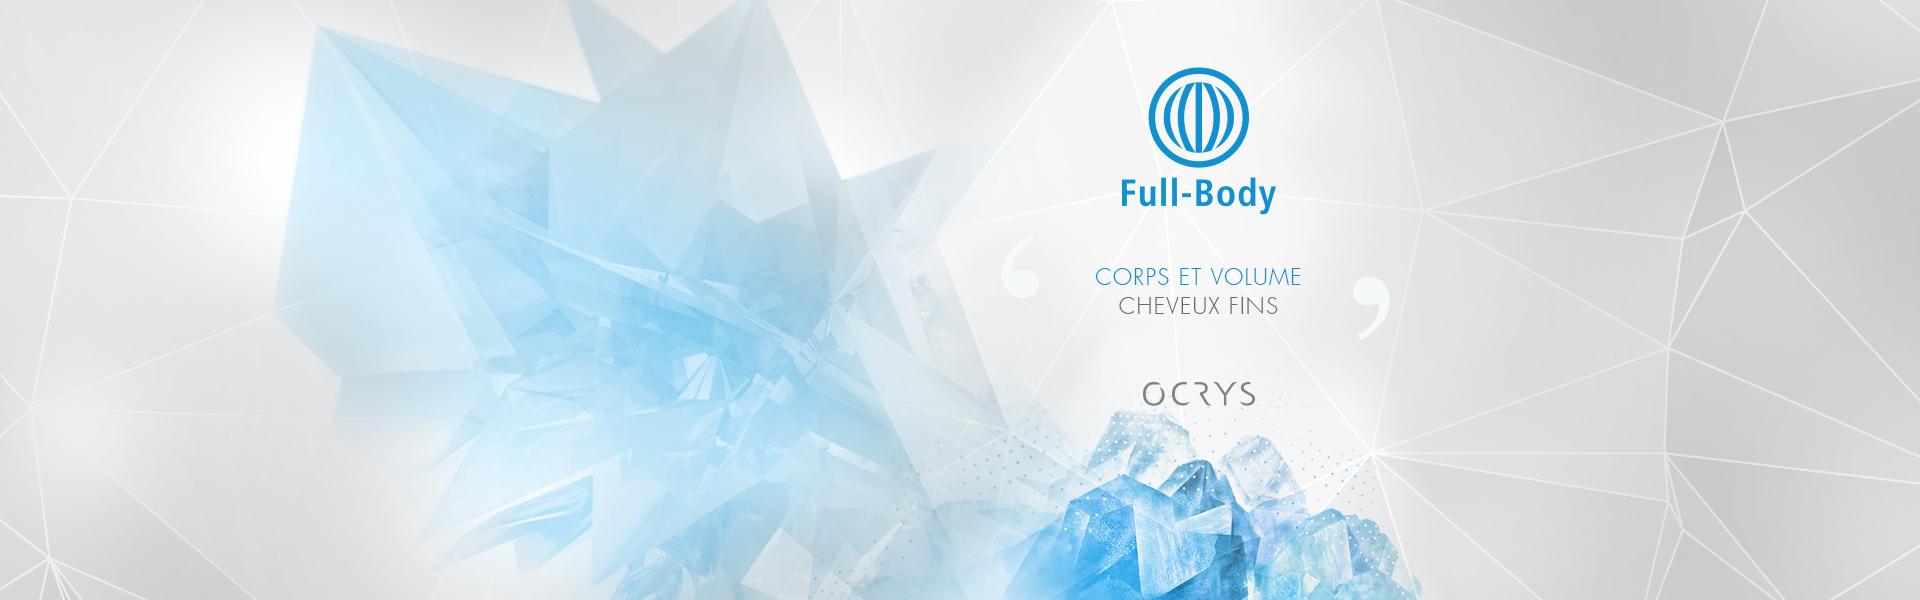 banner_centrali_FULL-BODY_FR